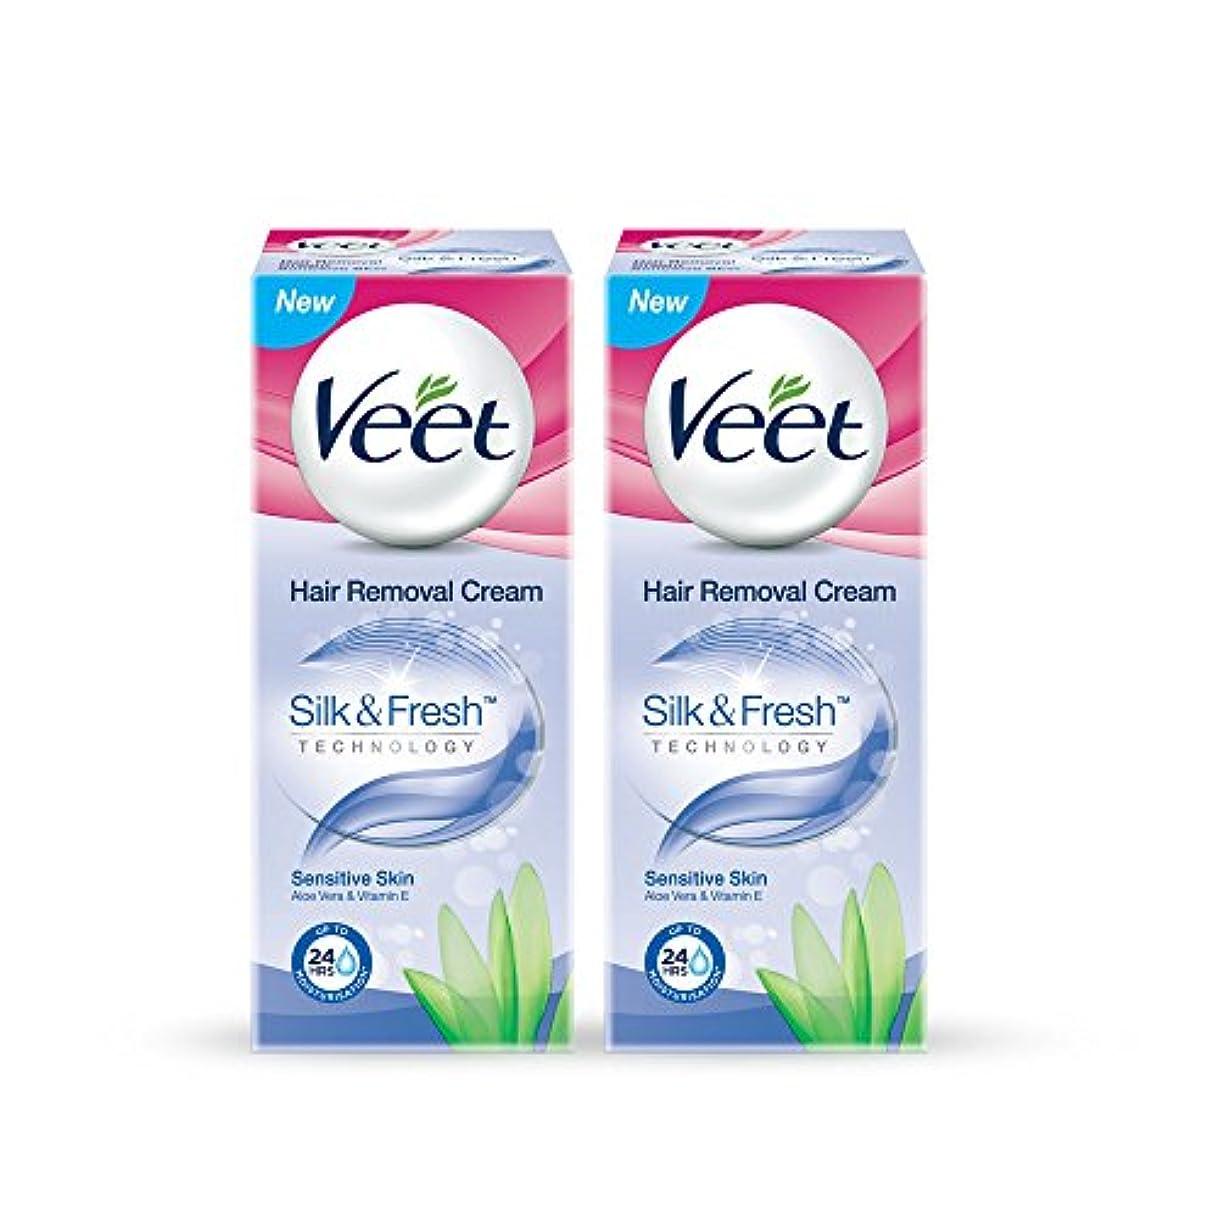 ハミングバード夜の動物園思い出させるVeet Hair Removal Gel Cream For Sensitive Skin With Aloe Vera and Vitamin E 25 g (Pack of 2)